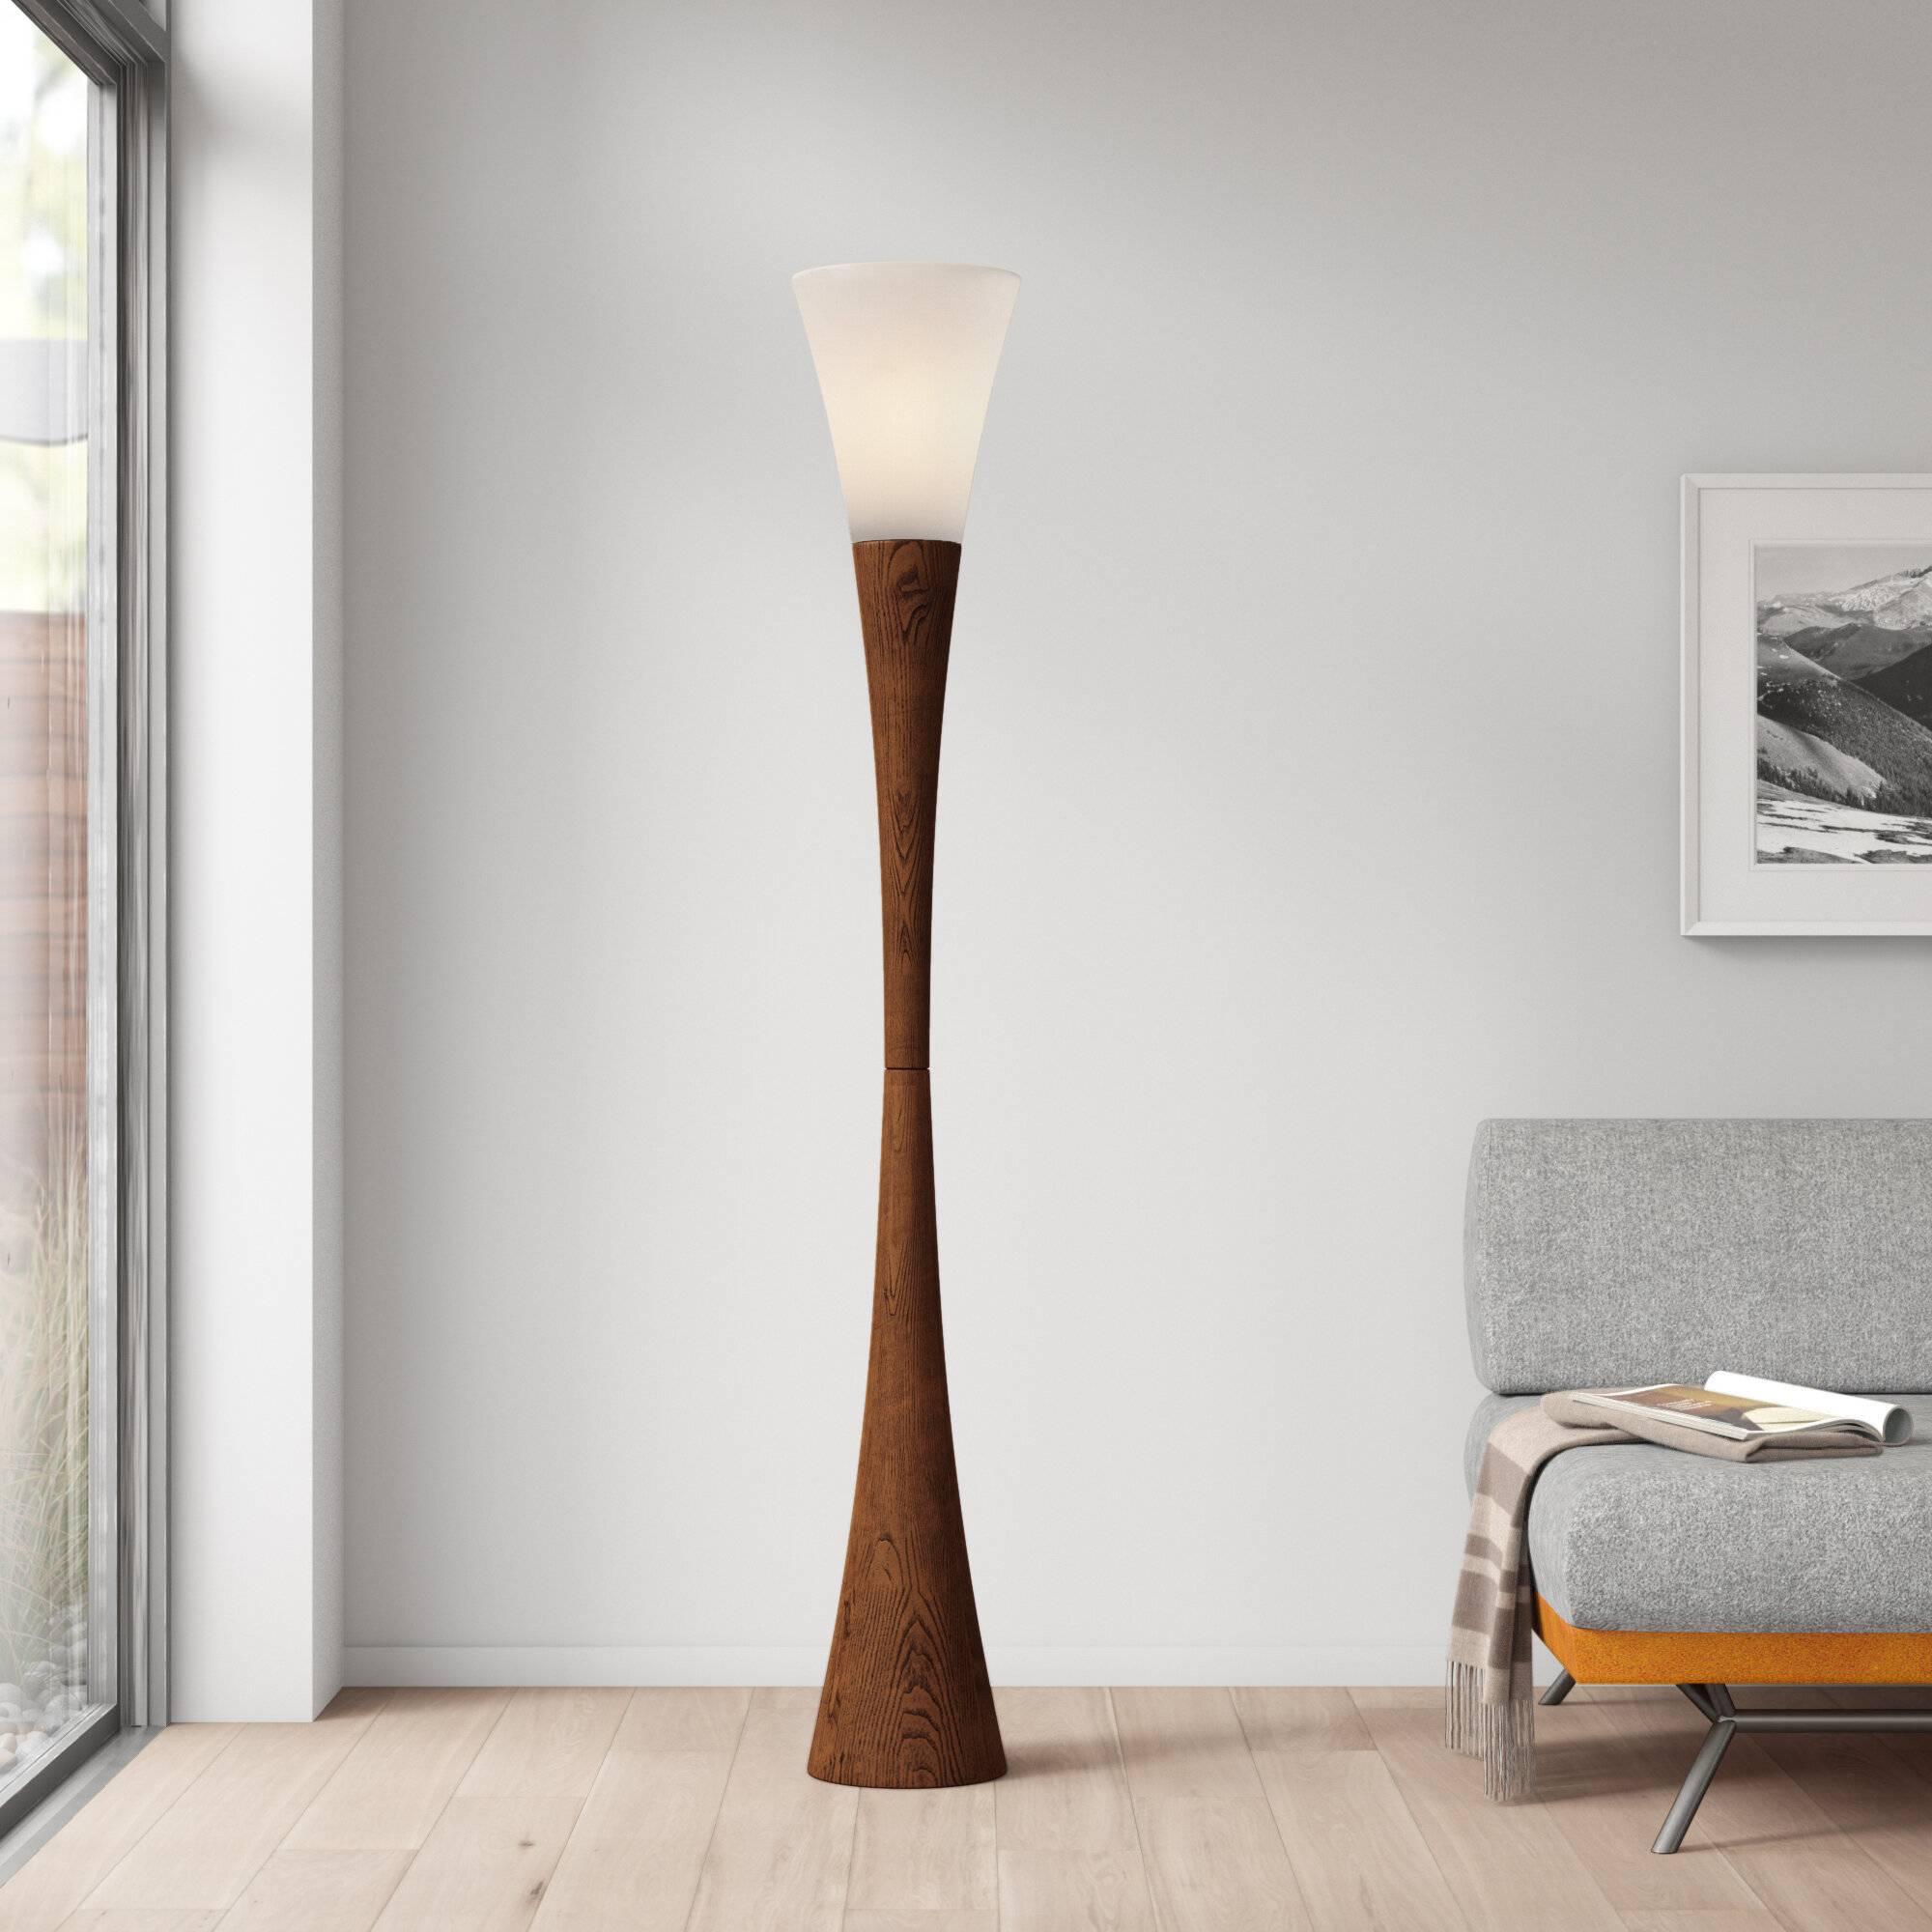 Heanor 68 Column Floor Lamp